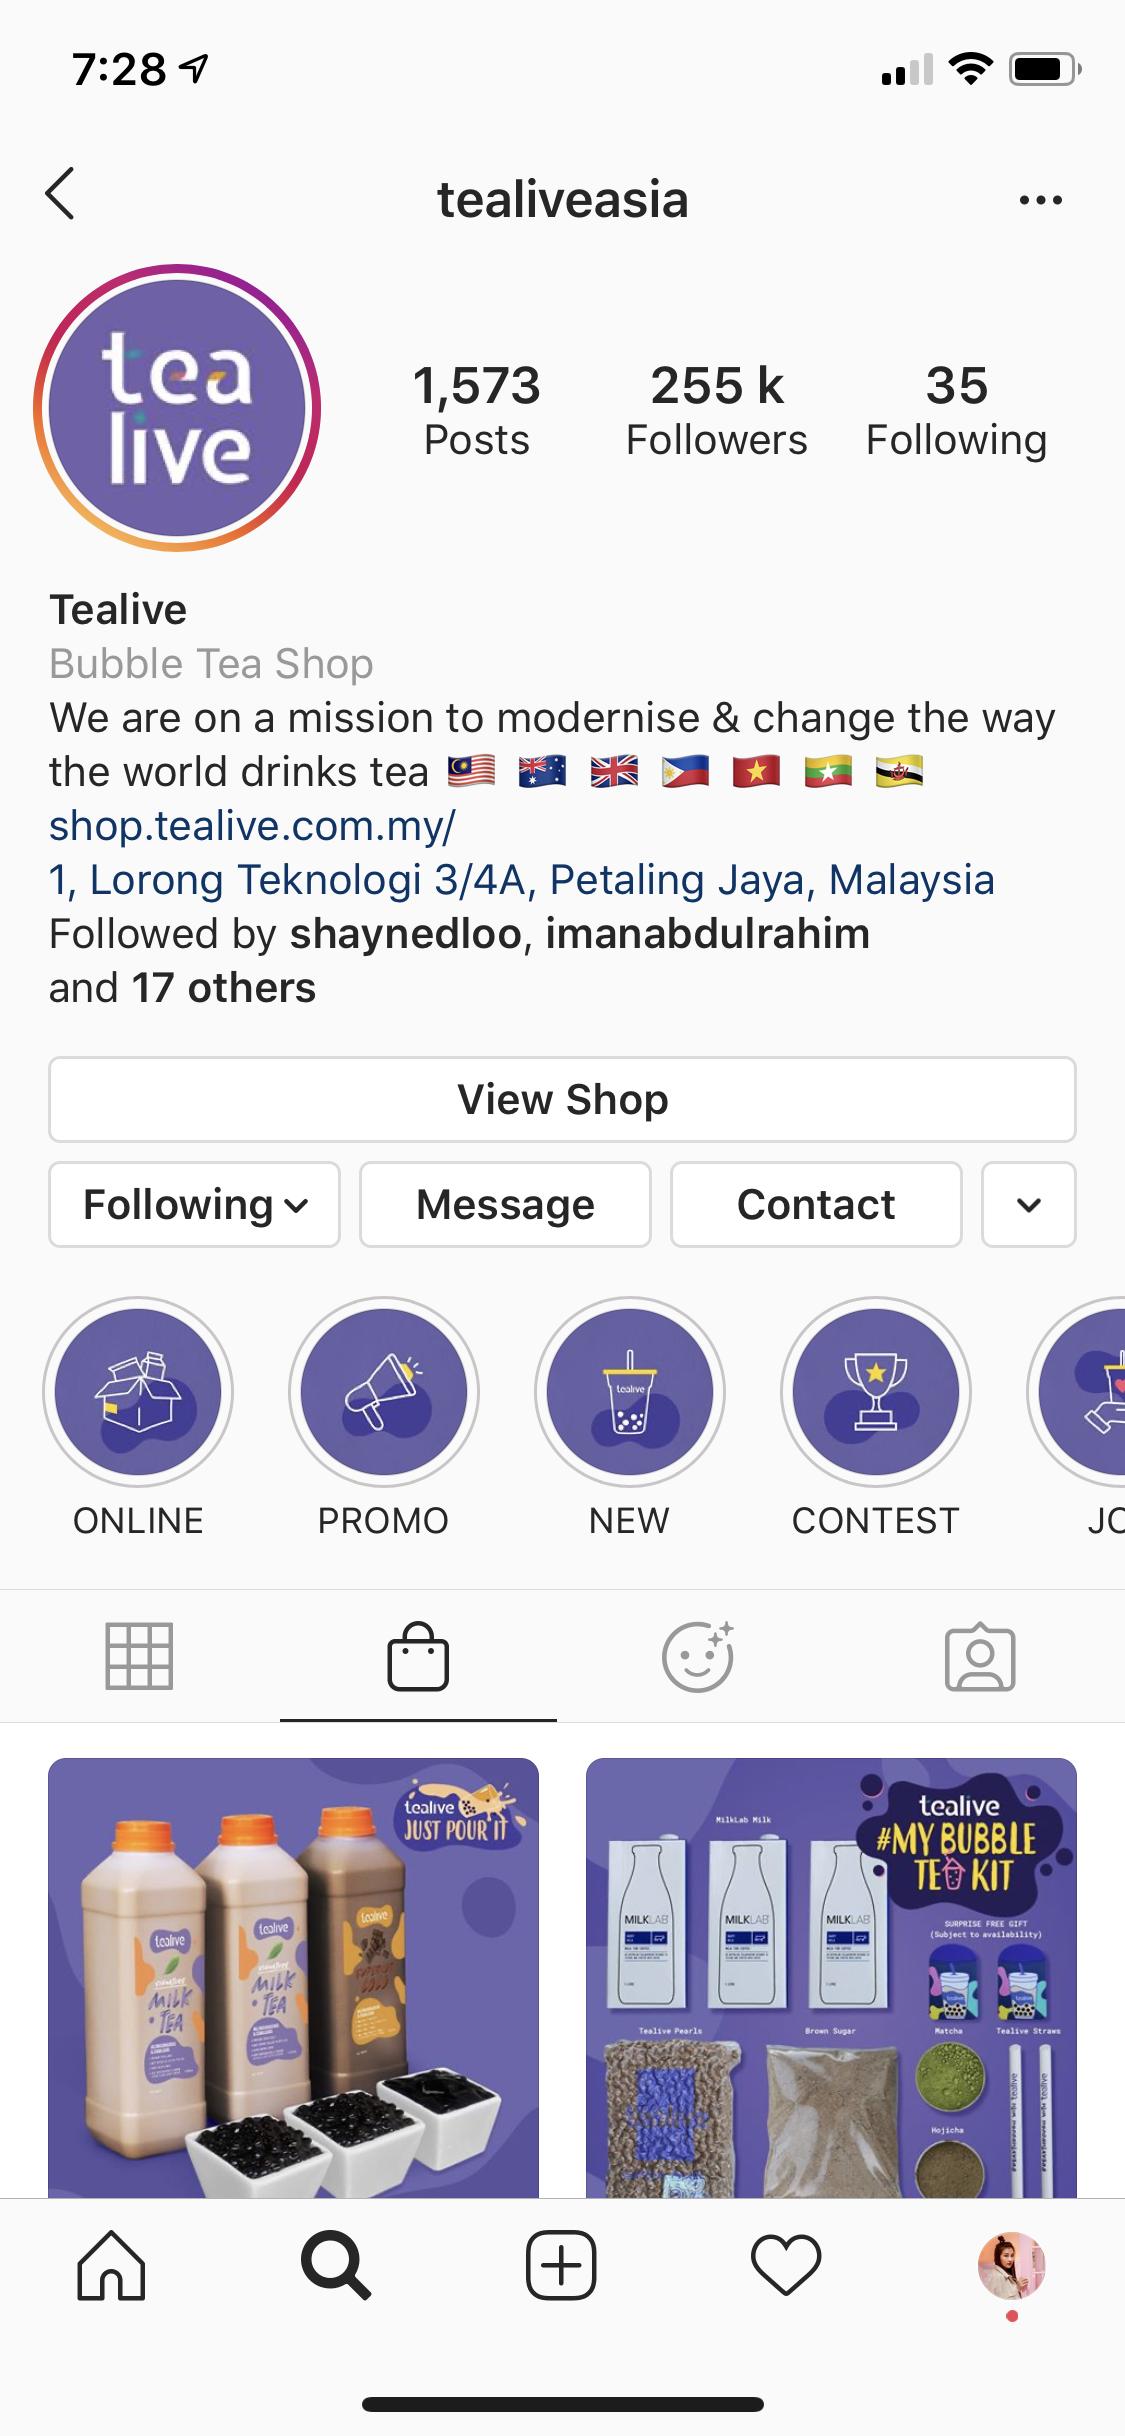 Tealive Instagram Shop